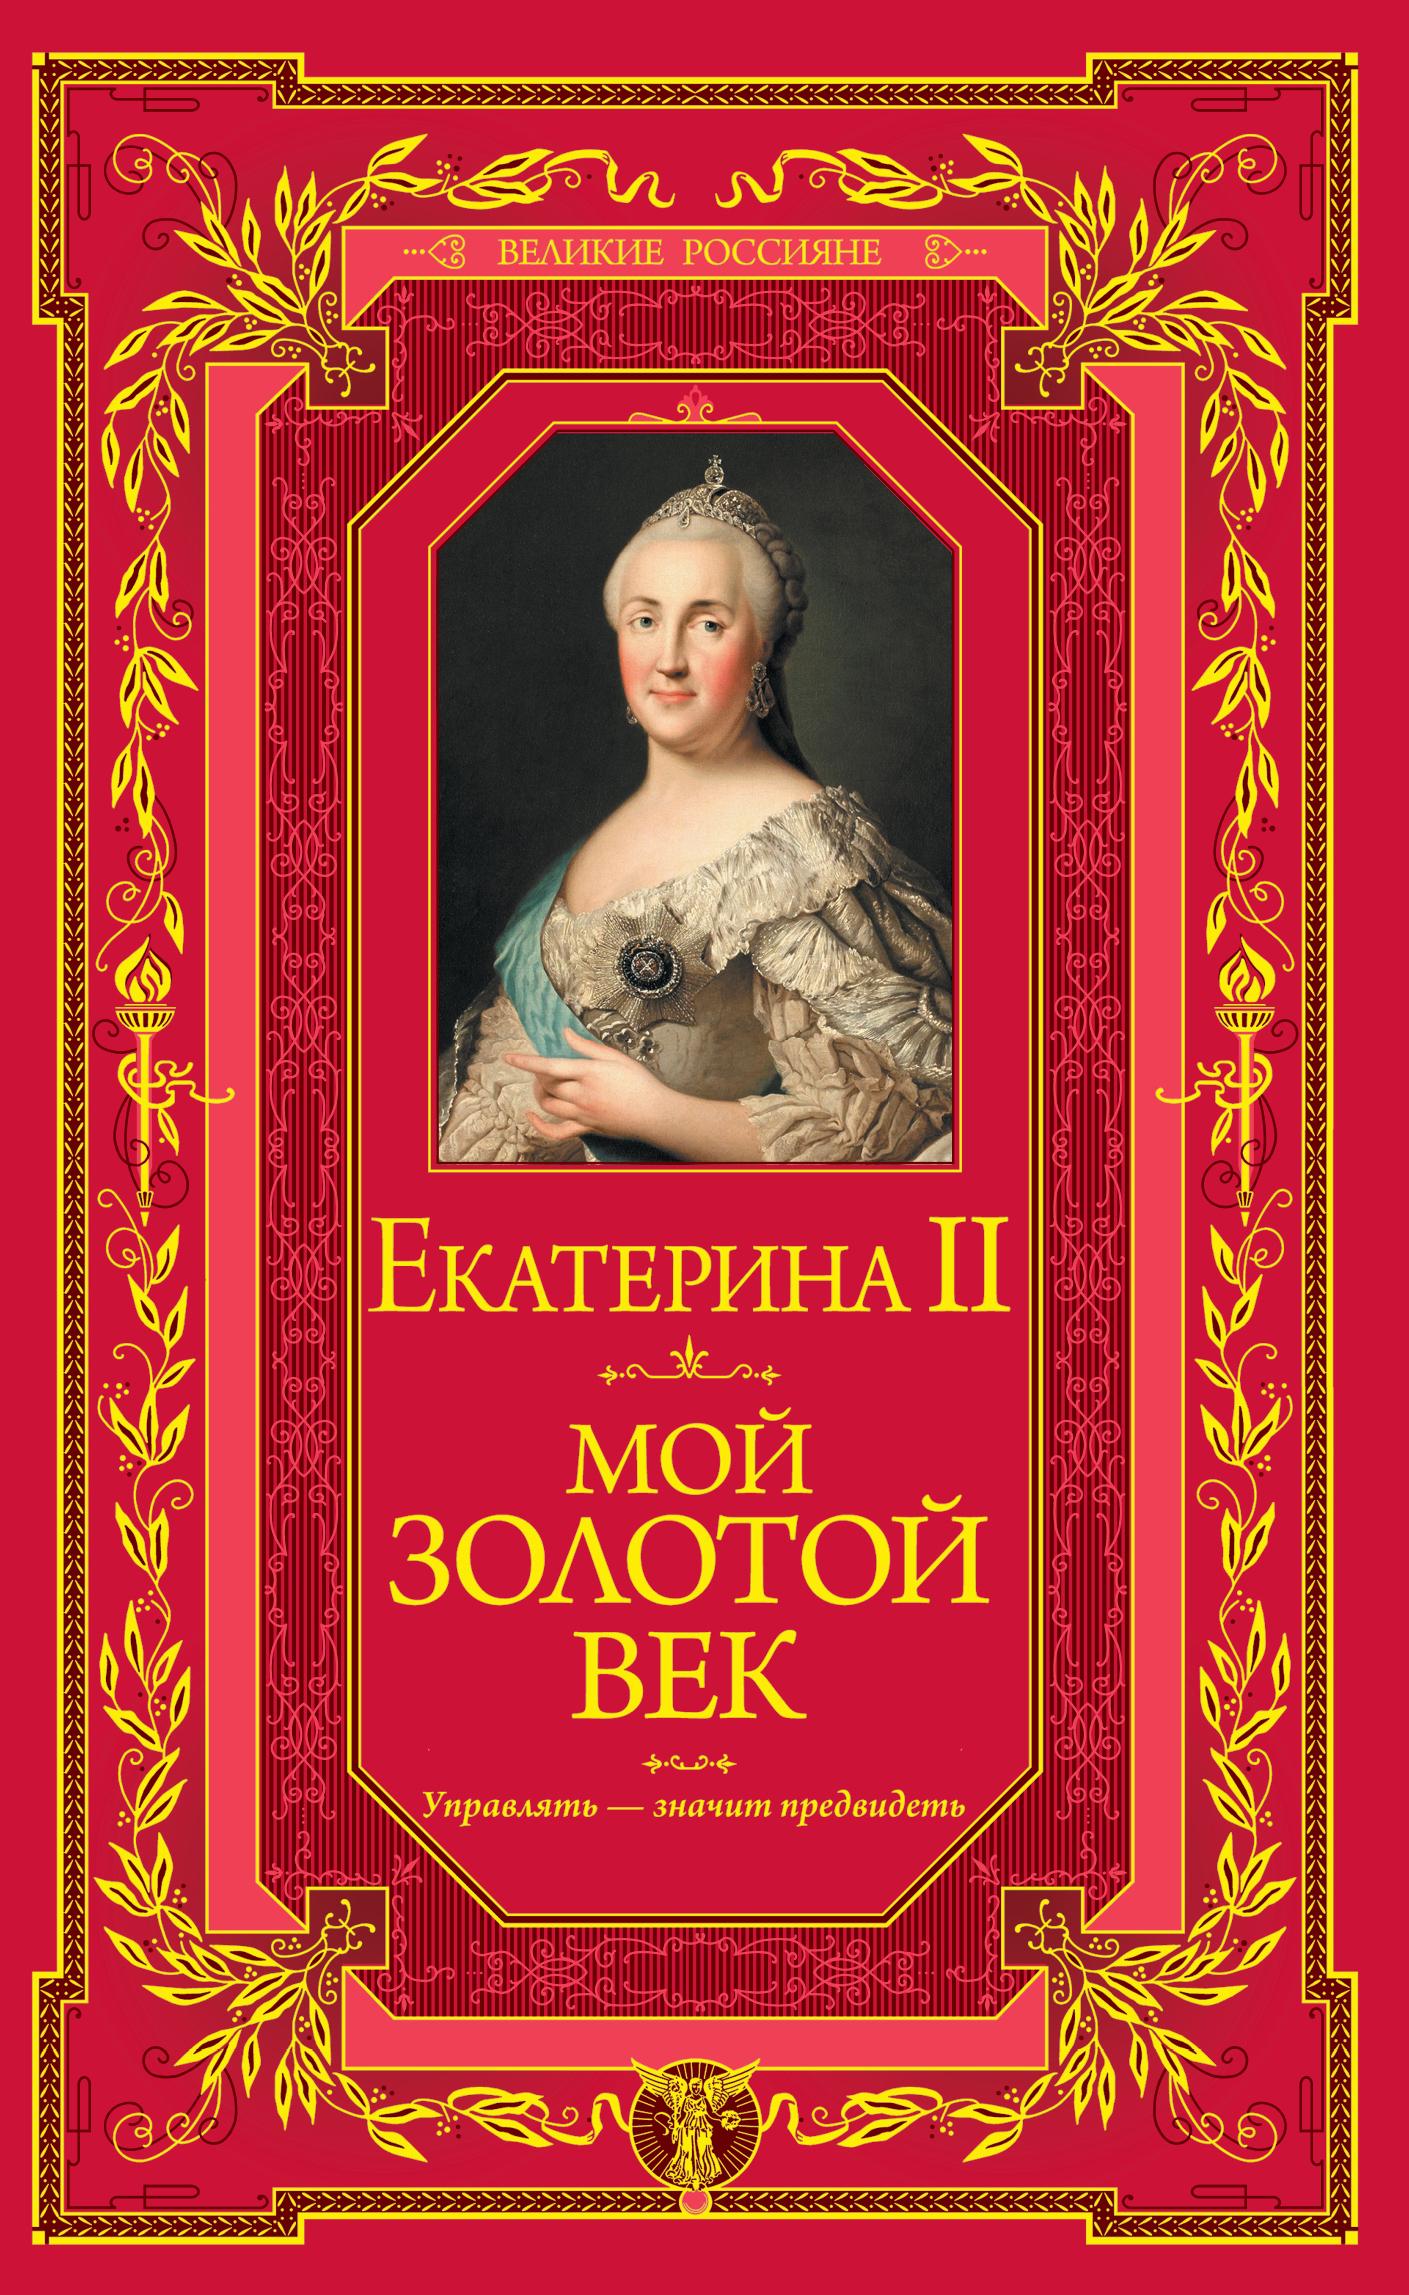 Екатерина II Мой золотой век екатерина ii императрица мой золотой век